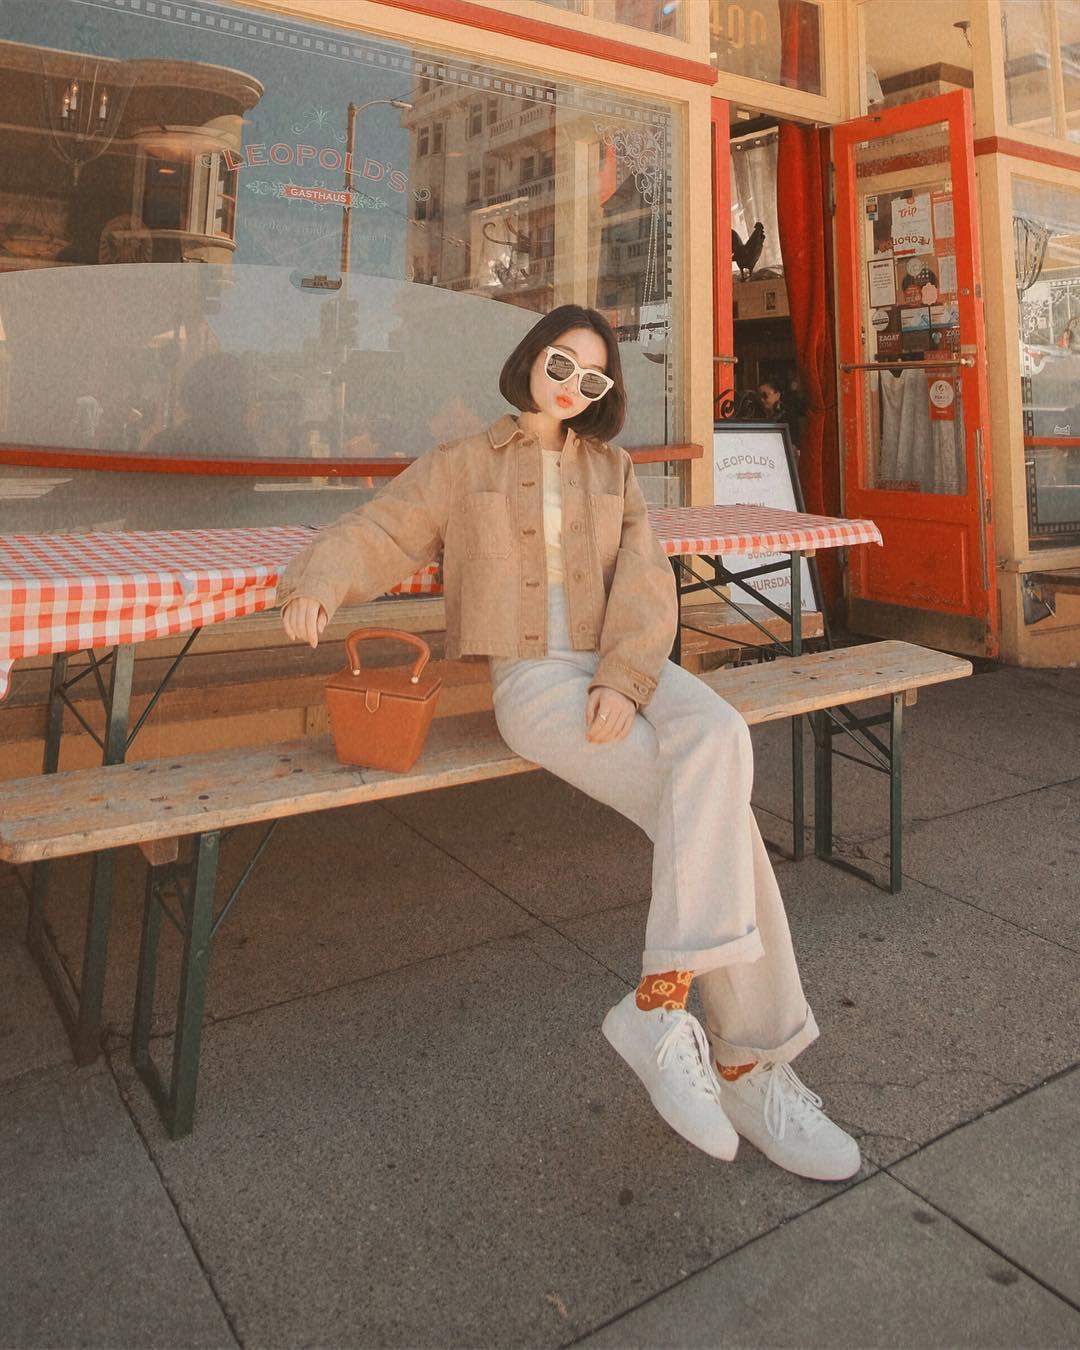 3 mẫu quần jeans bạn nên tậu gấp trước mùa lạnh này để luôn ghi điểm mặc đẹp - Ảnh 10